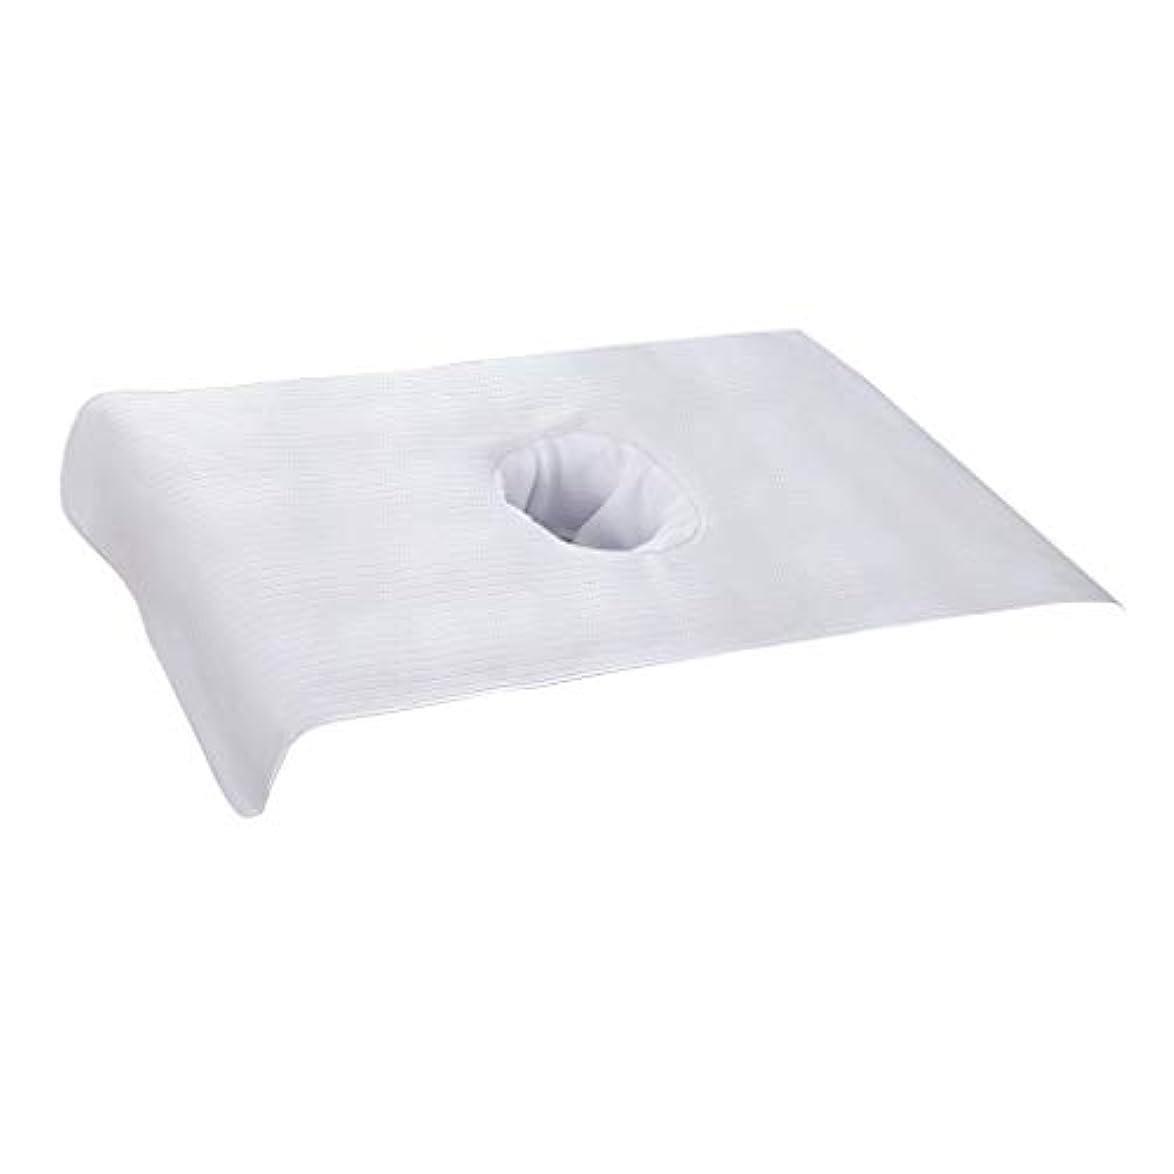 要求実験バブル美容ベッドカバー マッサージベッドカバー 治療シーツ ポリエステル生地 高品質 - 白